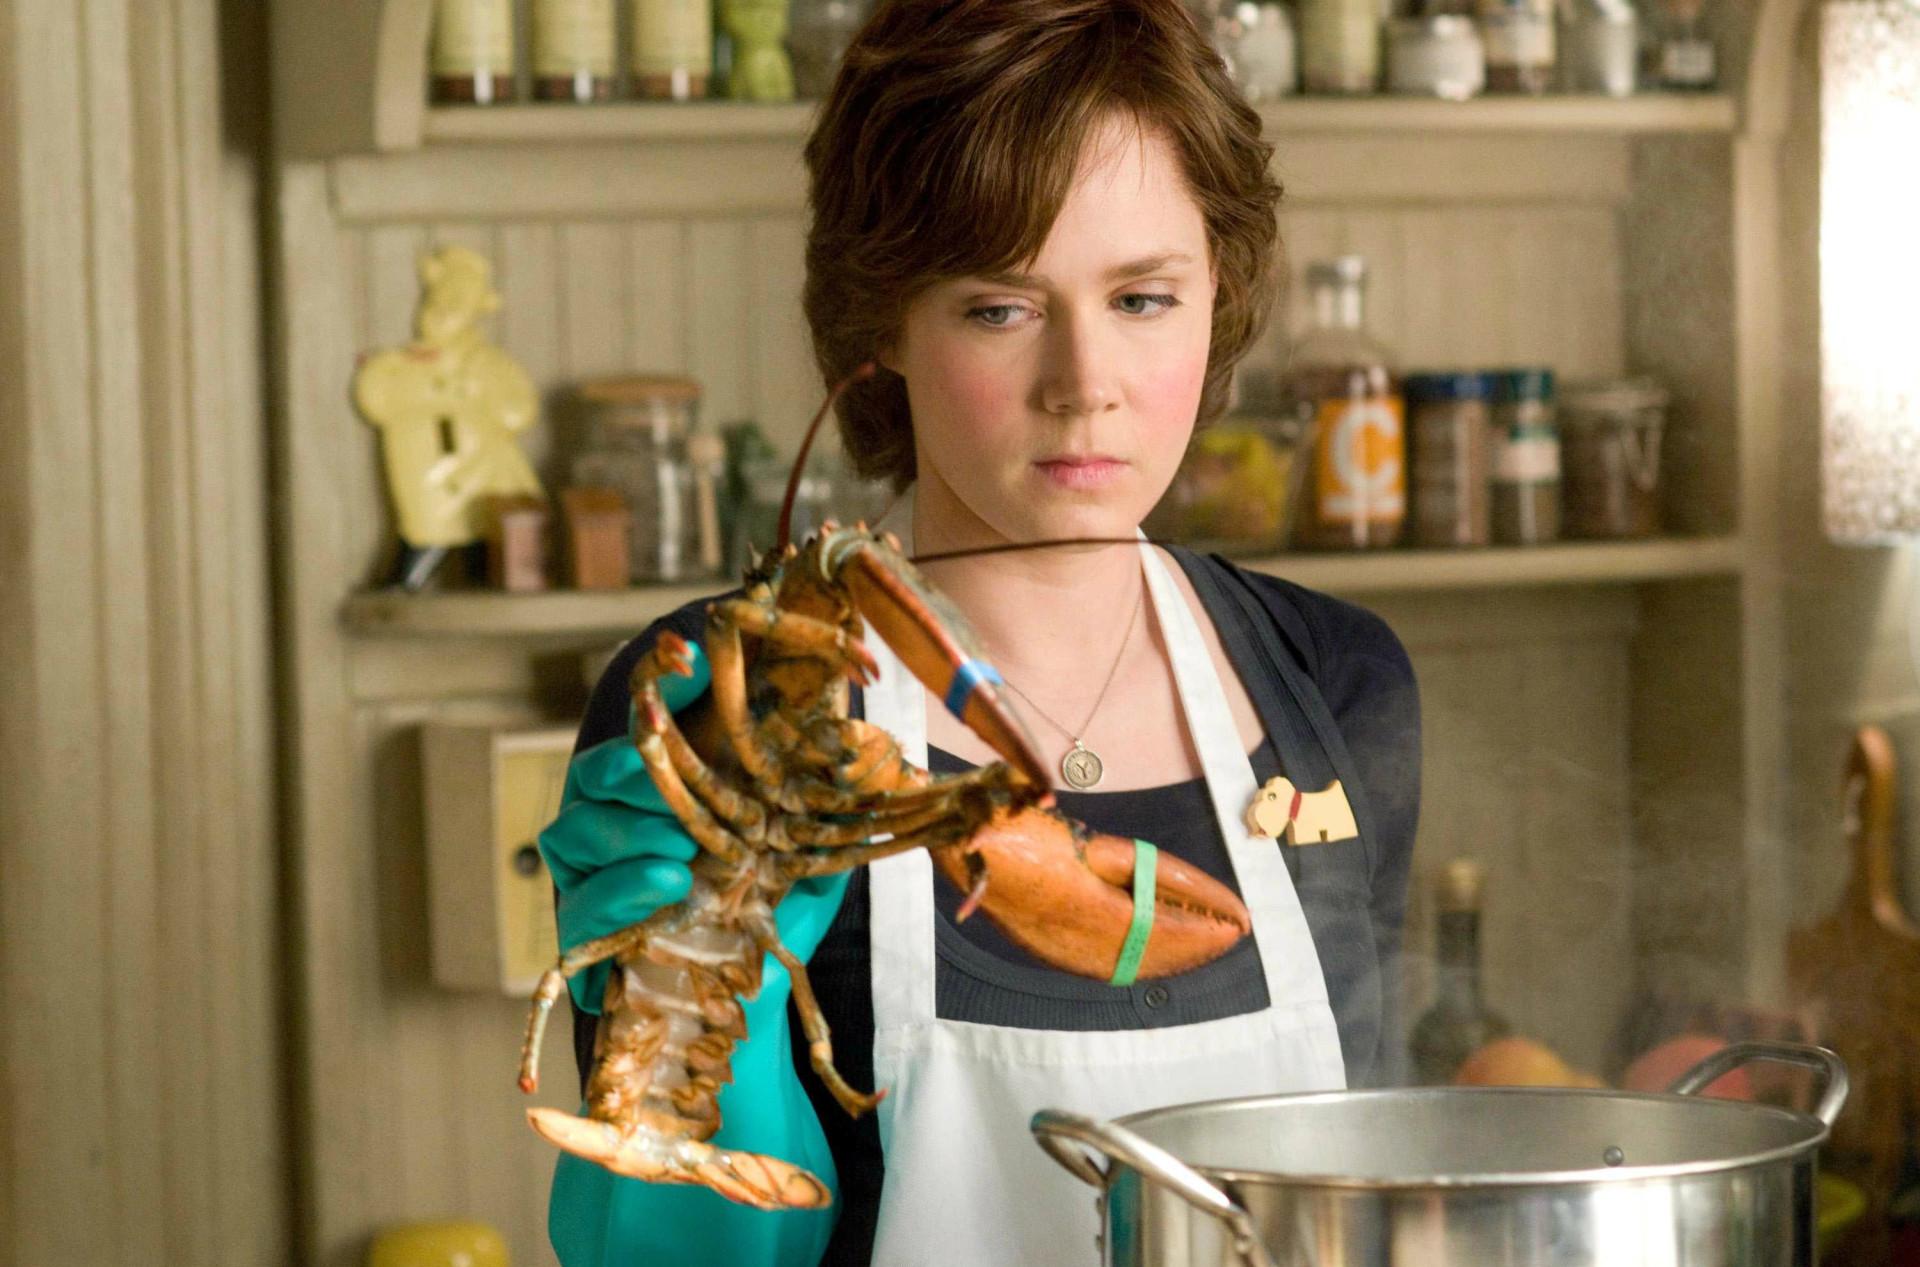 Gastronomia: relembre alguns filmes para inspirar suas receitas